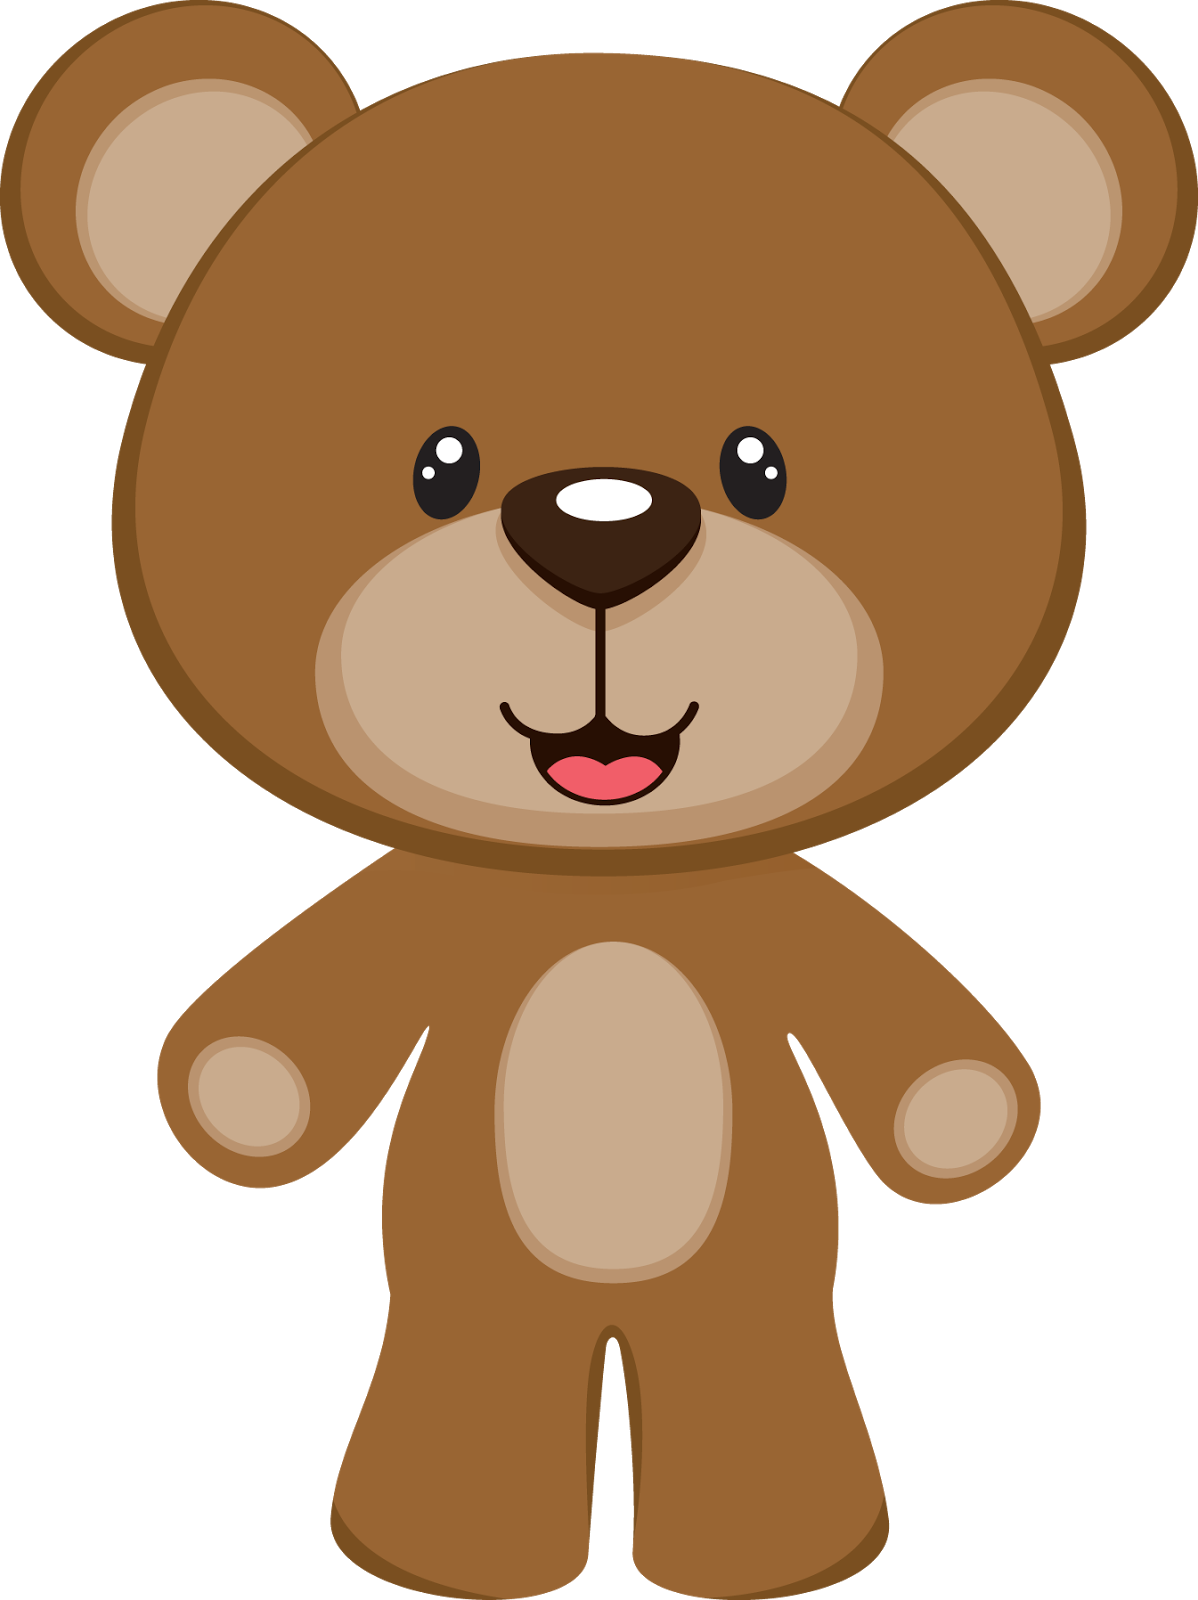 Gafetes de osos buscar. Head clipart brown bear